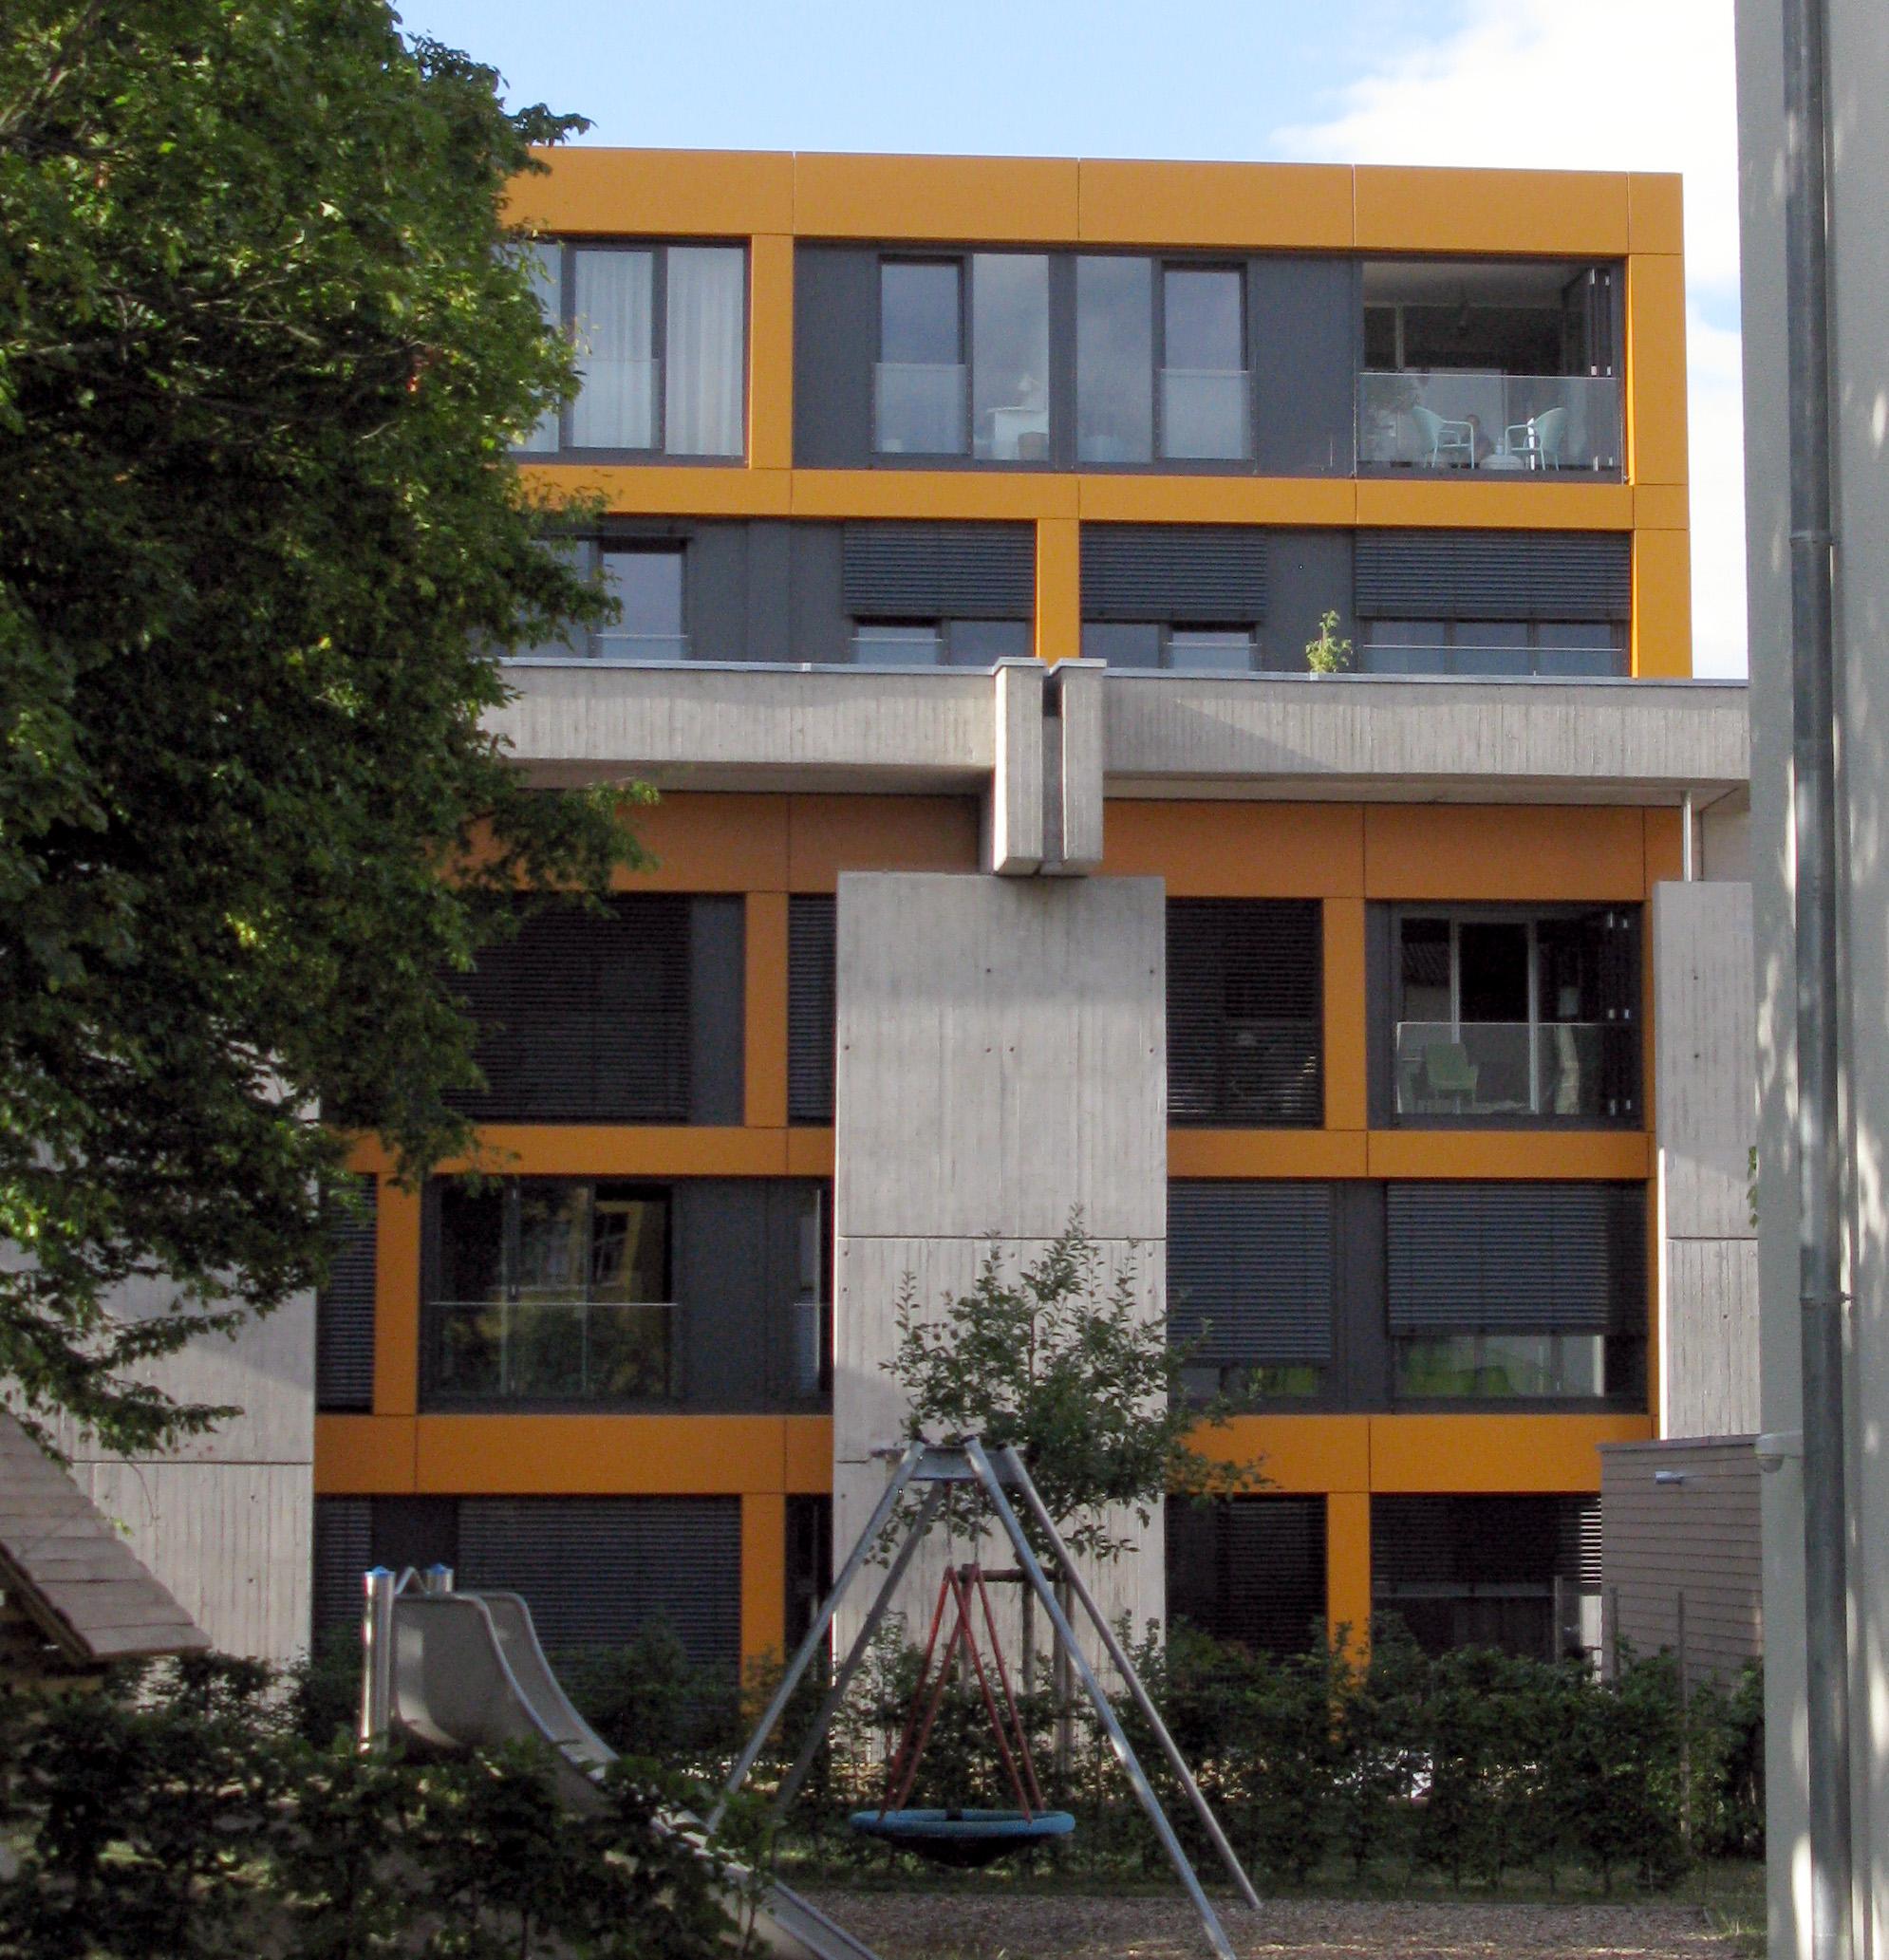 Zu Wohnungen umgebaute Kirche St. Elisabeth in Freiburg